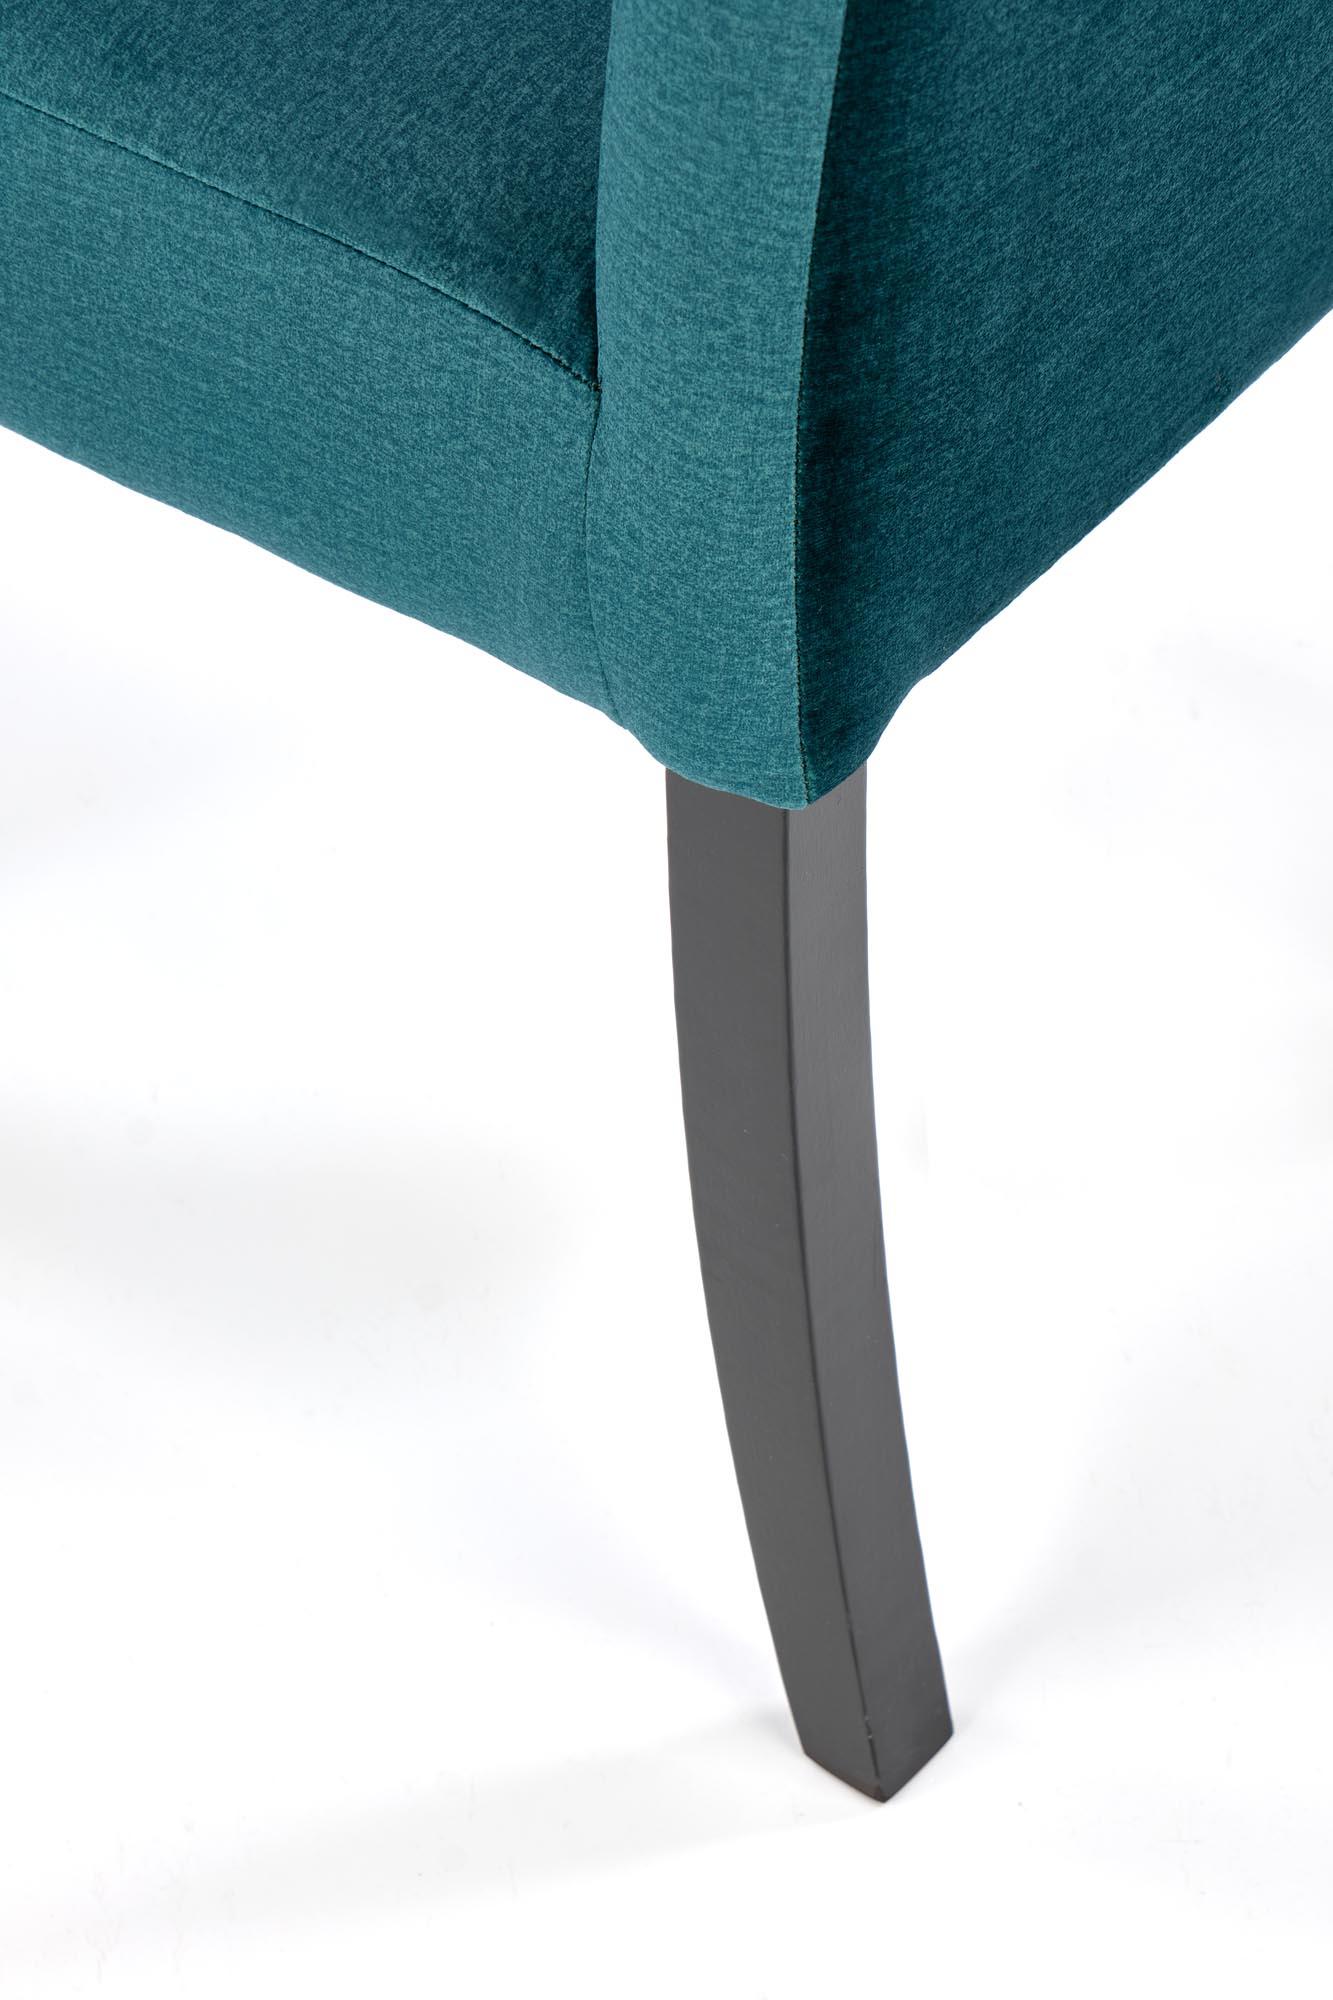 CLARION 2 stolička čierna / čal: MONOLITH 37 (tmavo zelená)